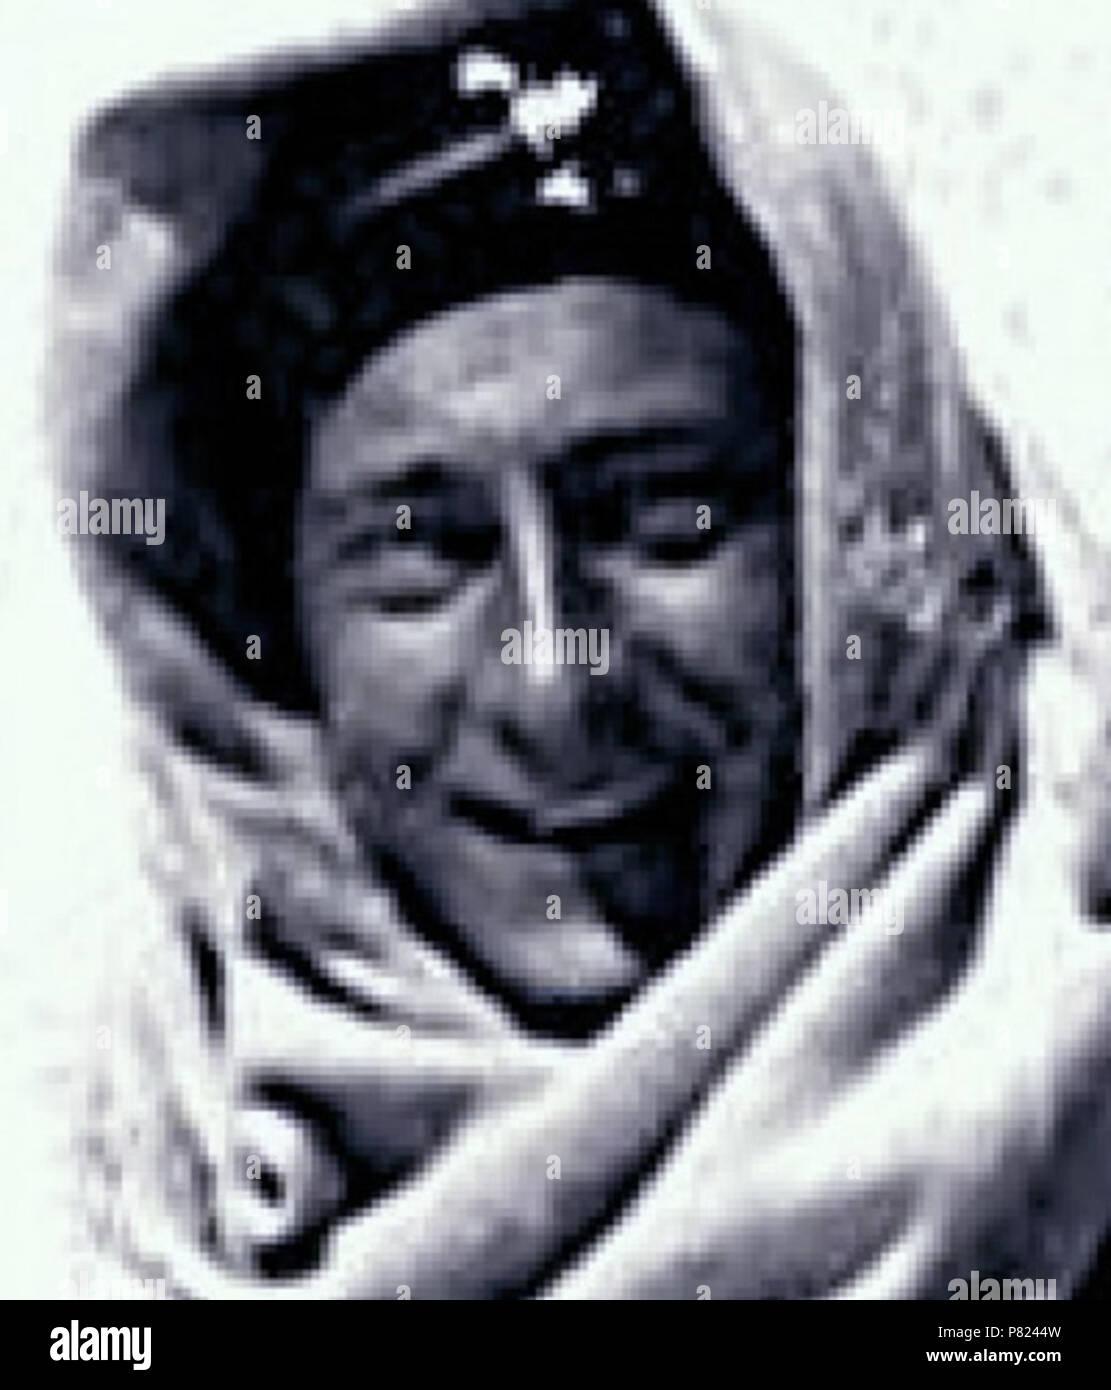 Italia anno 2010 : la crisi economica mondiale morde 61 Carlo Franchetti 1930 - Stock Image